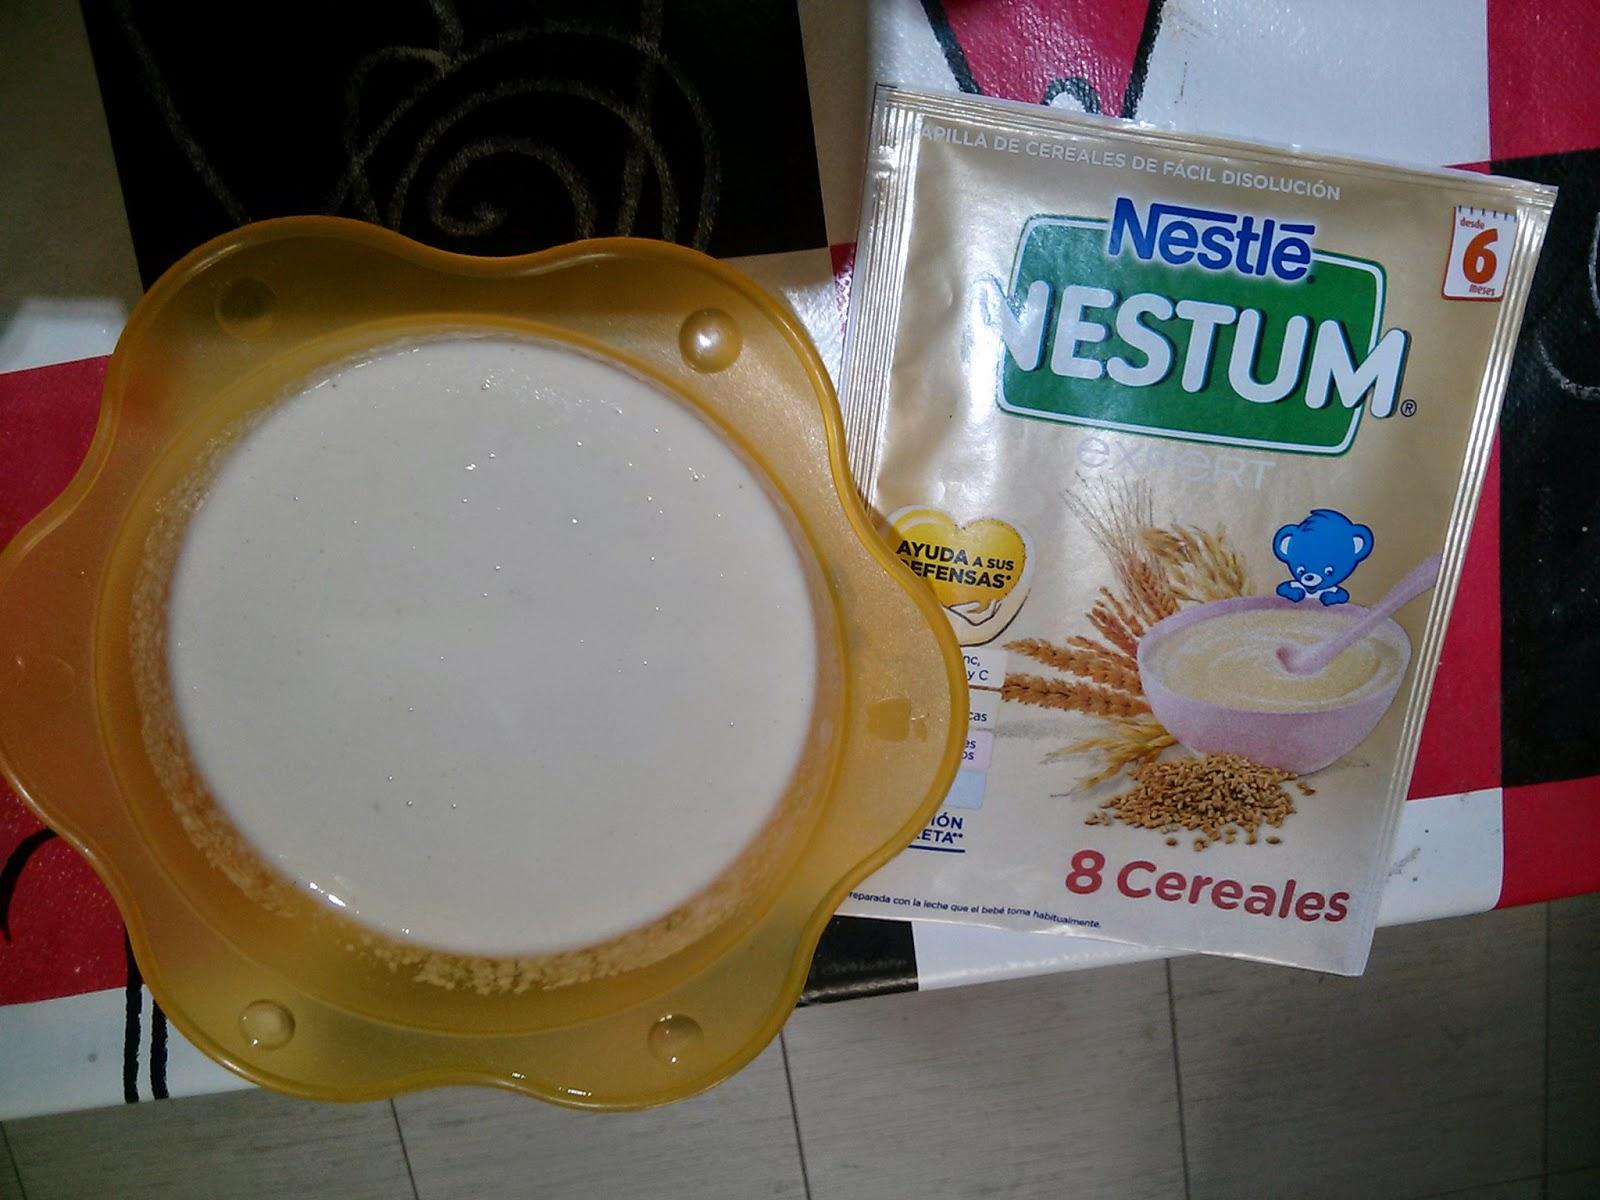 Papillas Nestum